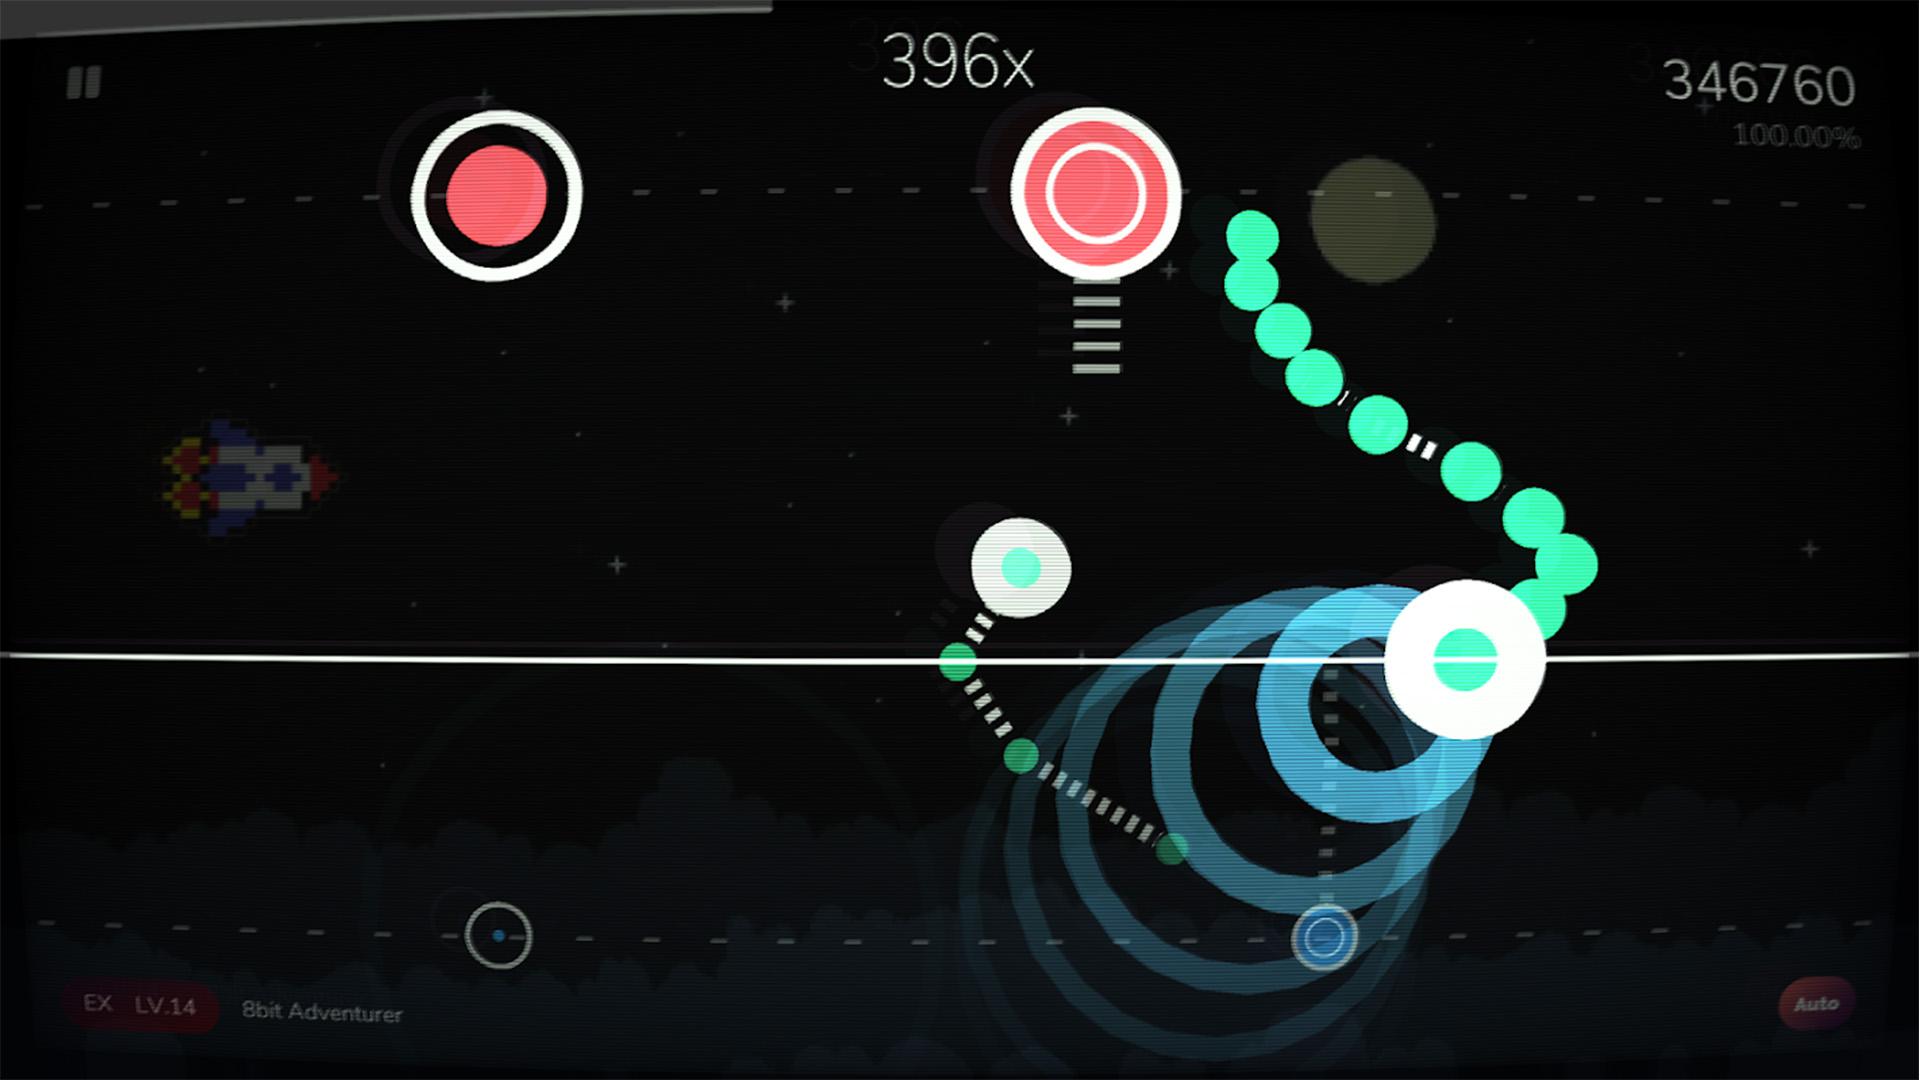 Cytoid screenshot 2020